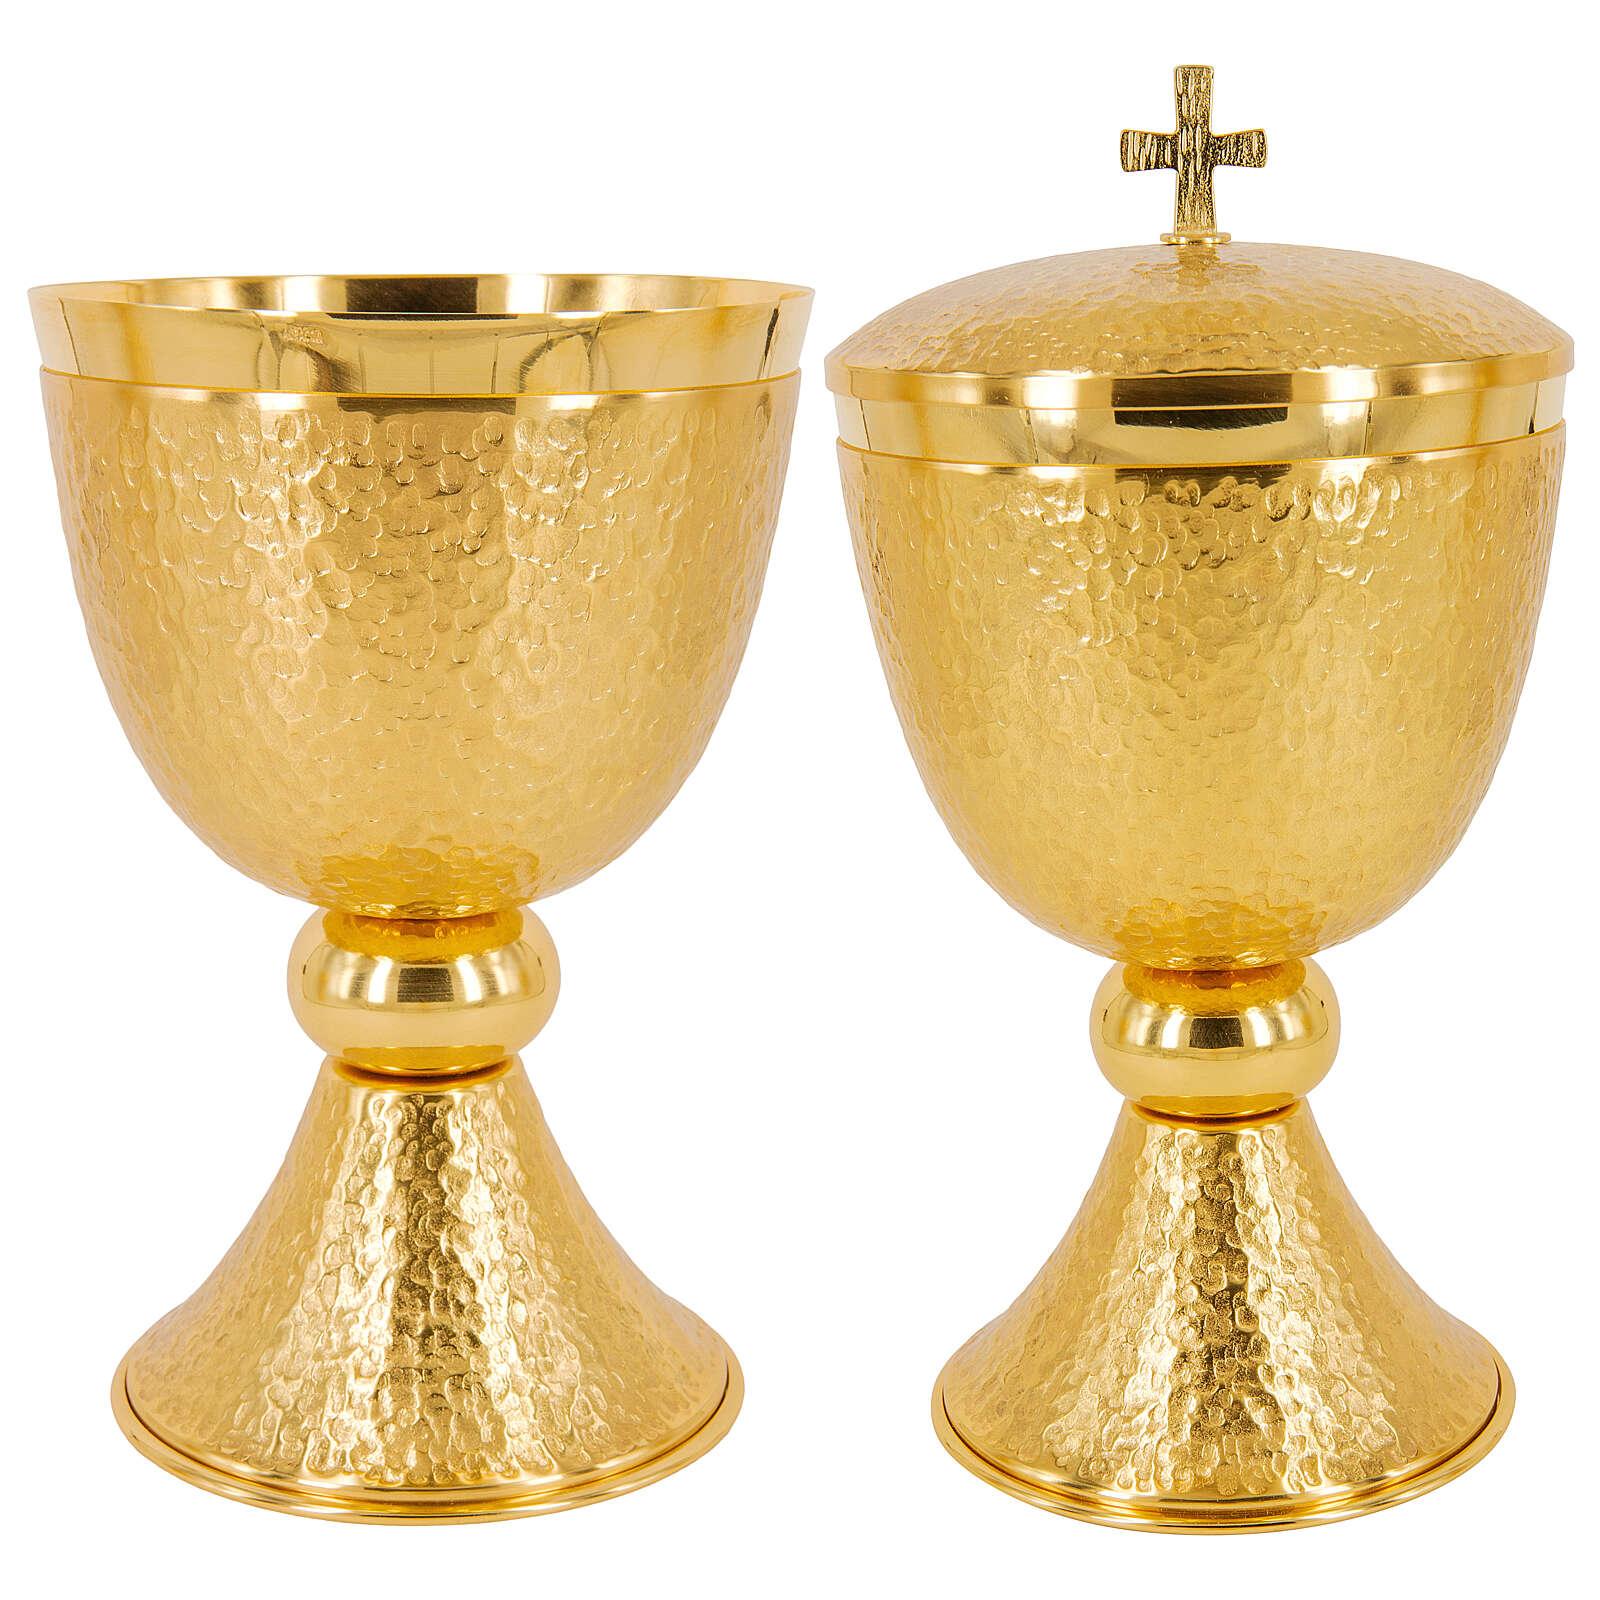 Chalice ciborium and paten 24-karat gold plated hammered brass 4